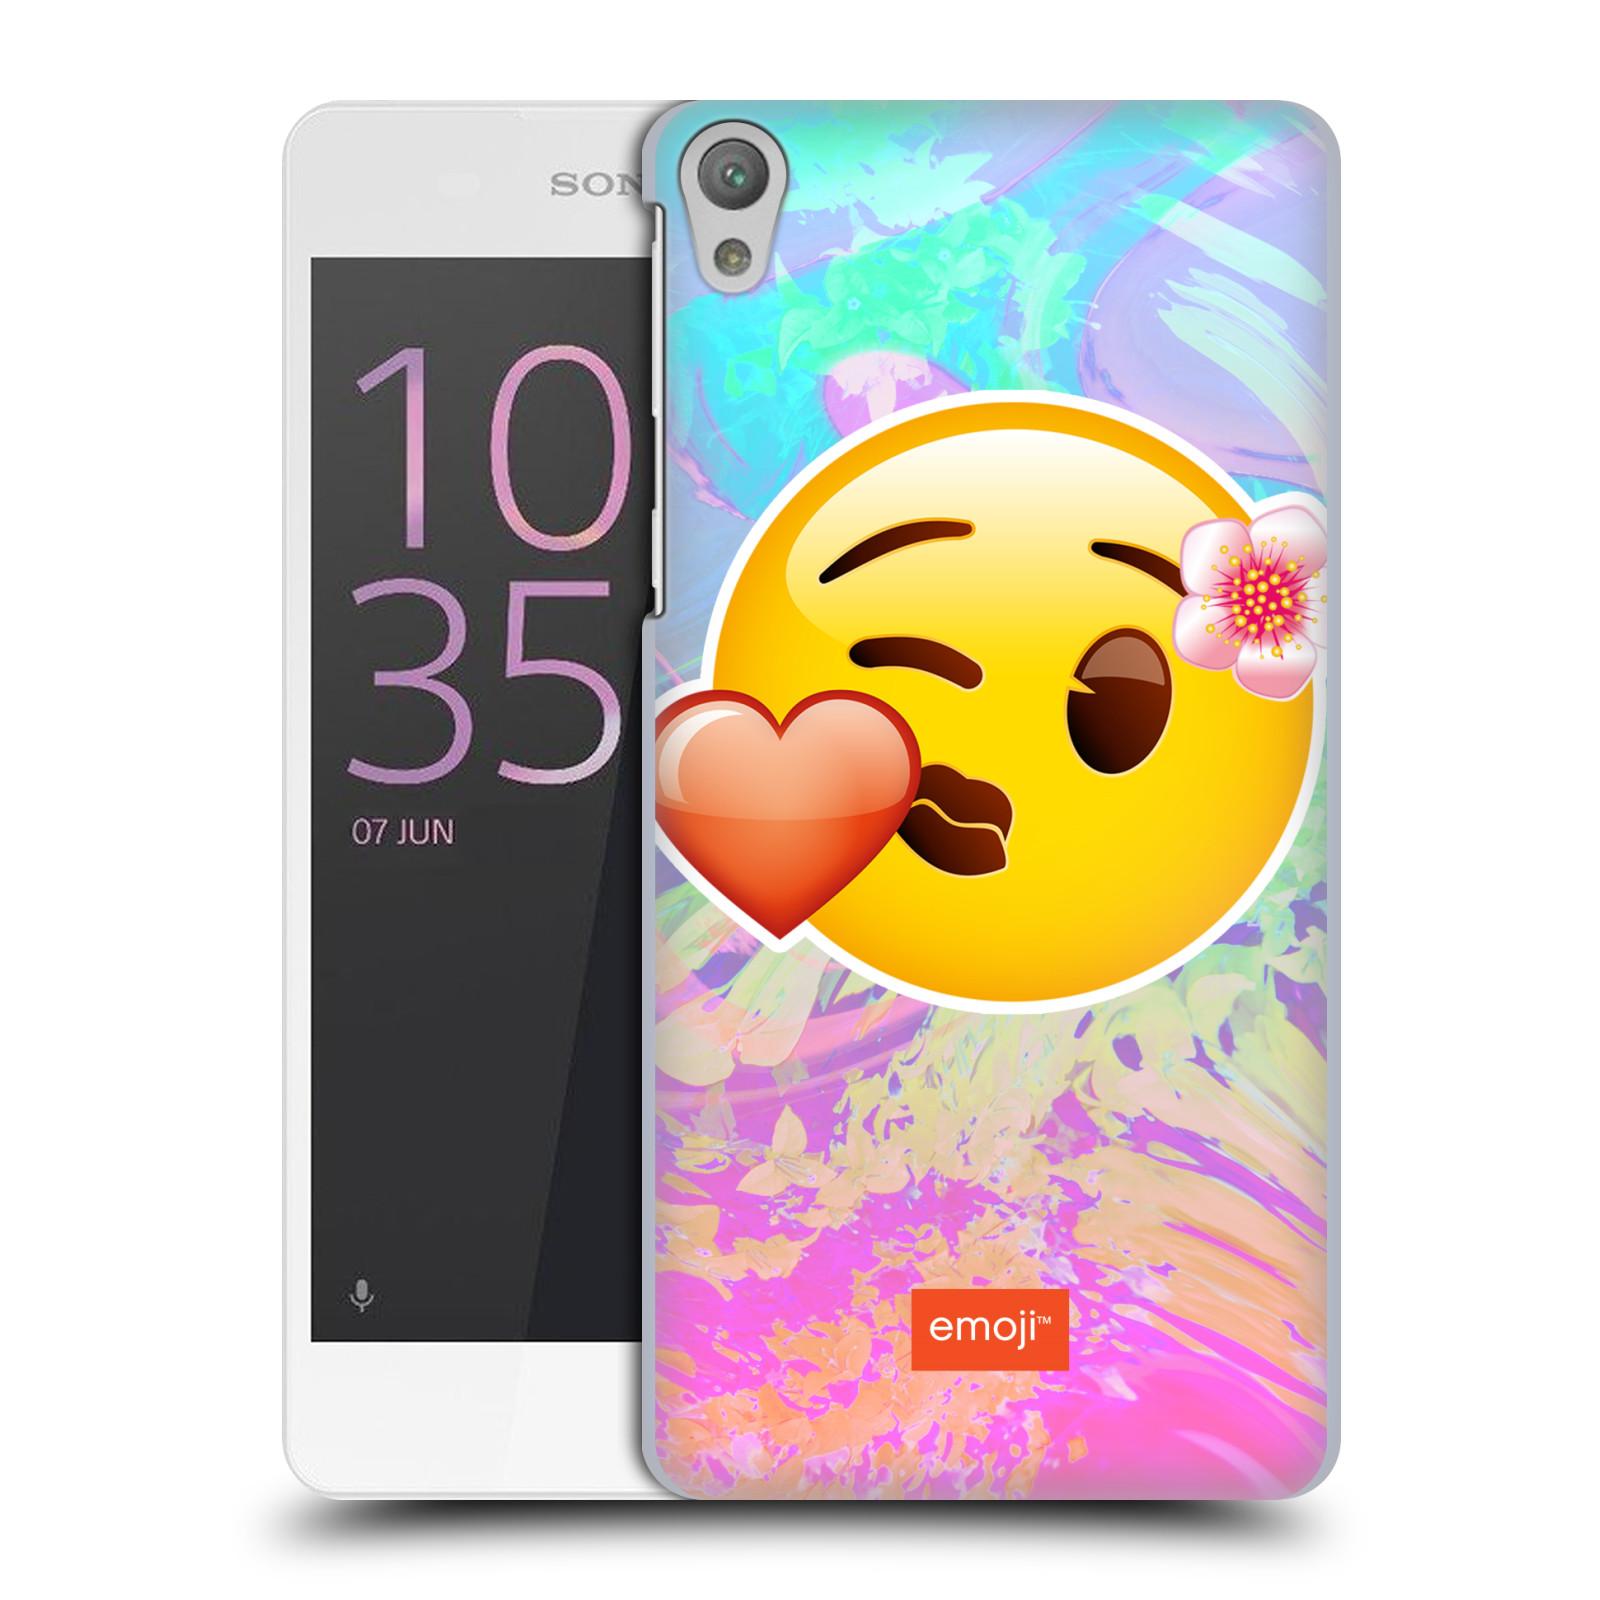 Pouzdro na mobil Sony Xperia E5 - HEAD CASE - Emoji smajlík pusinka